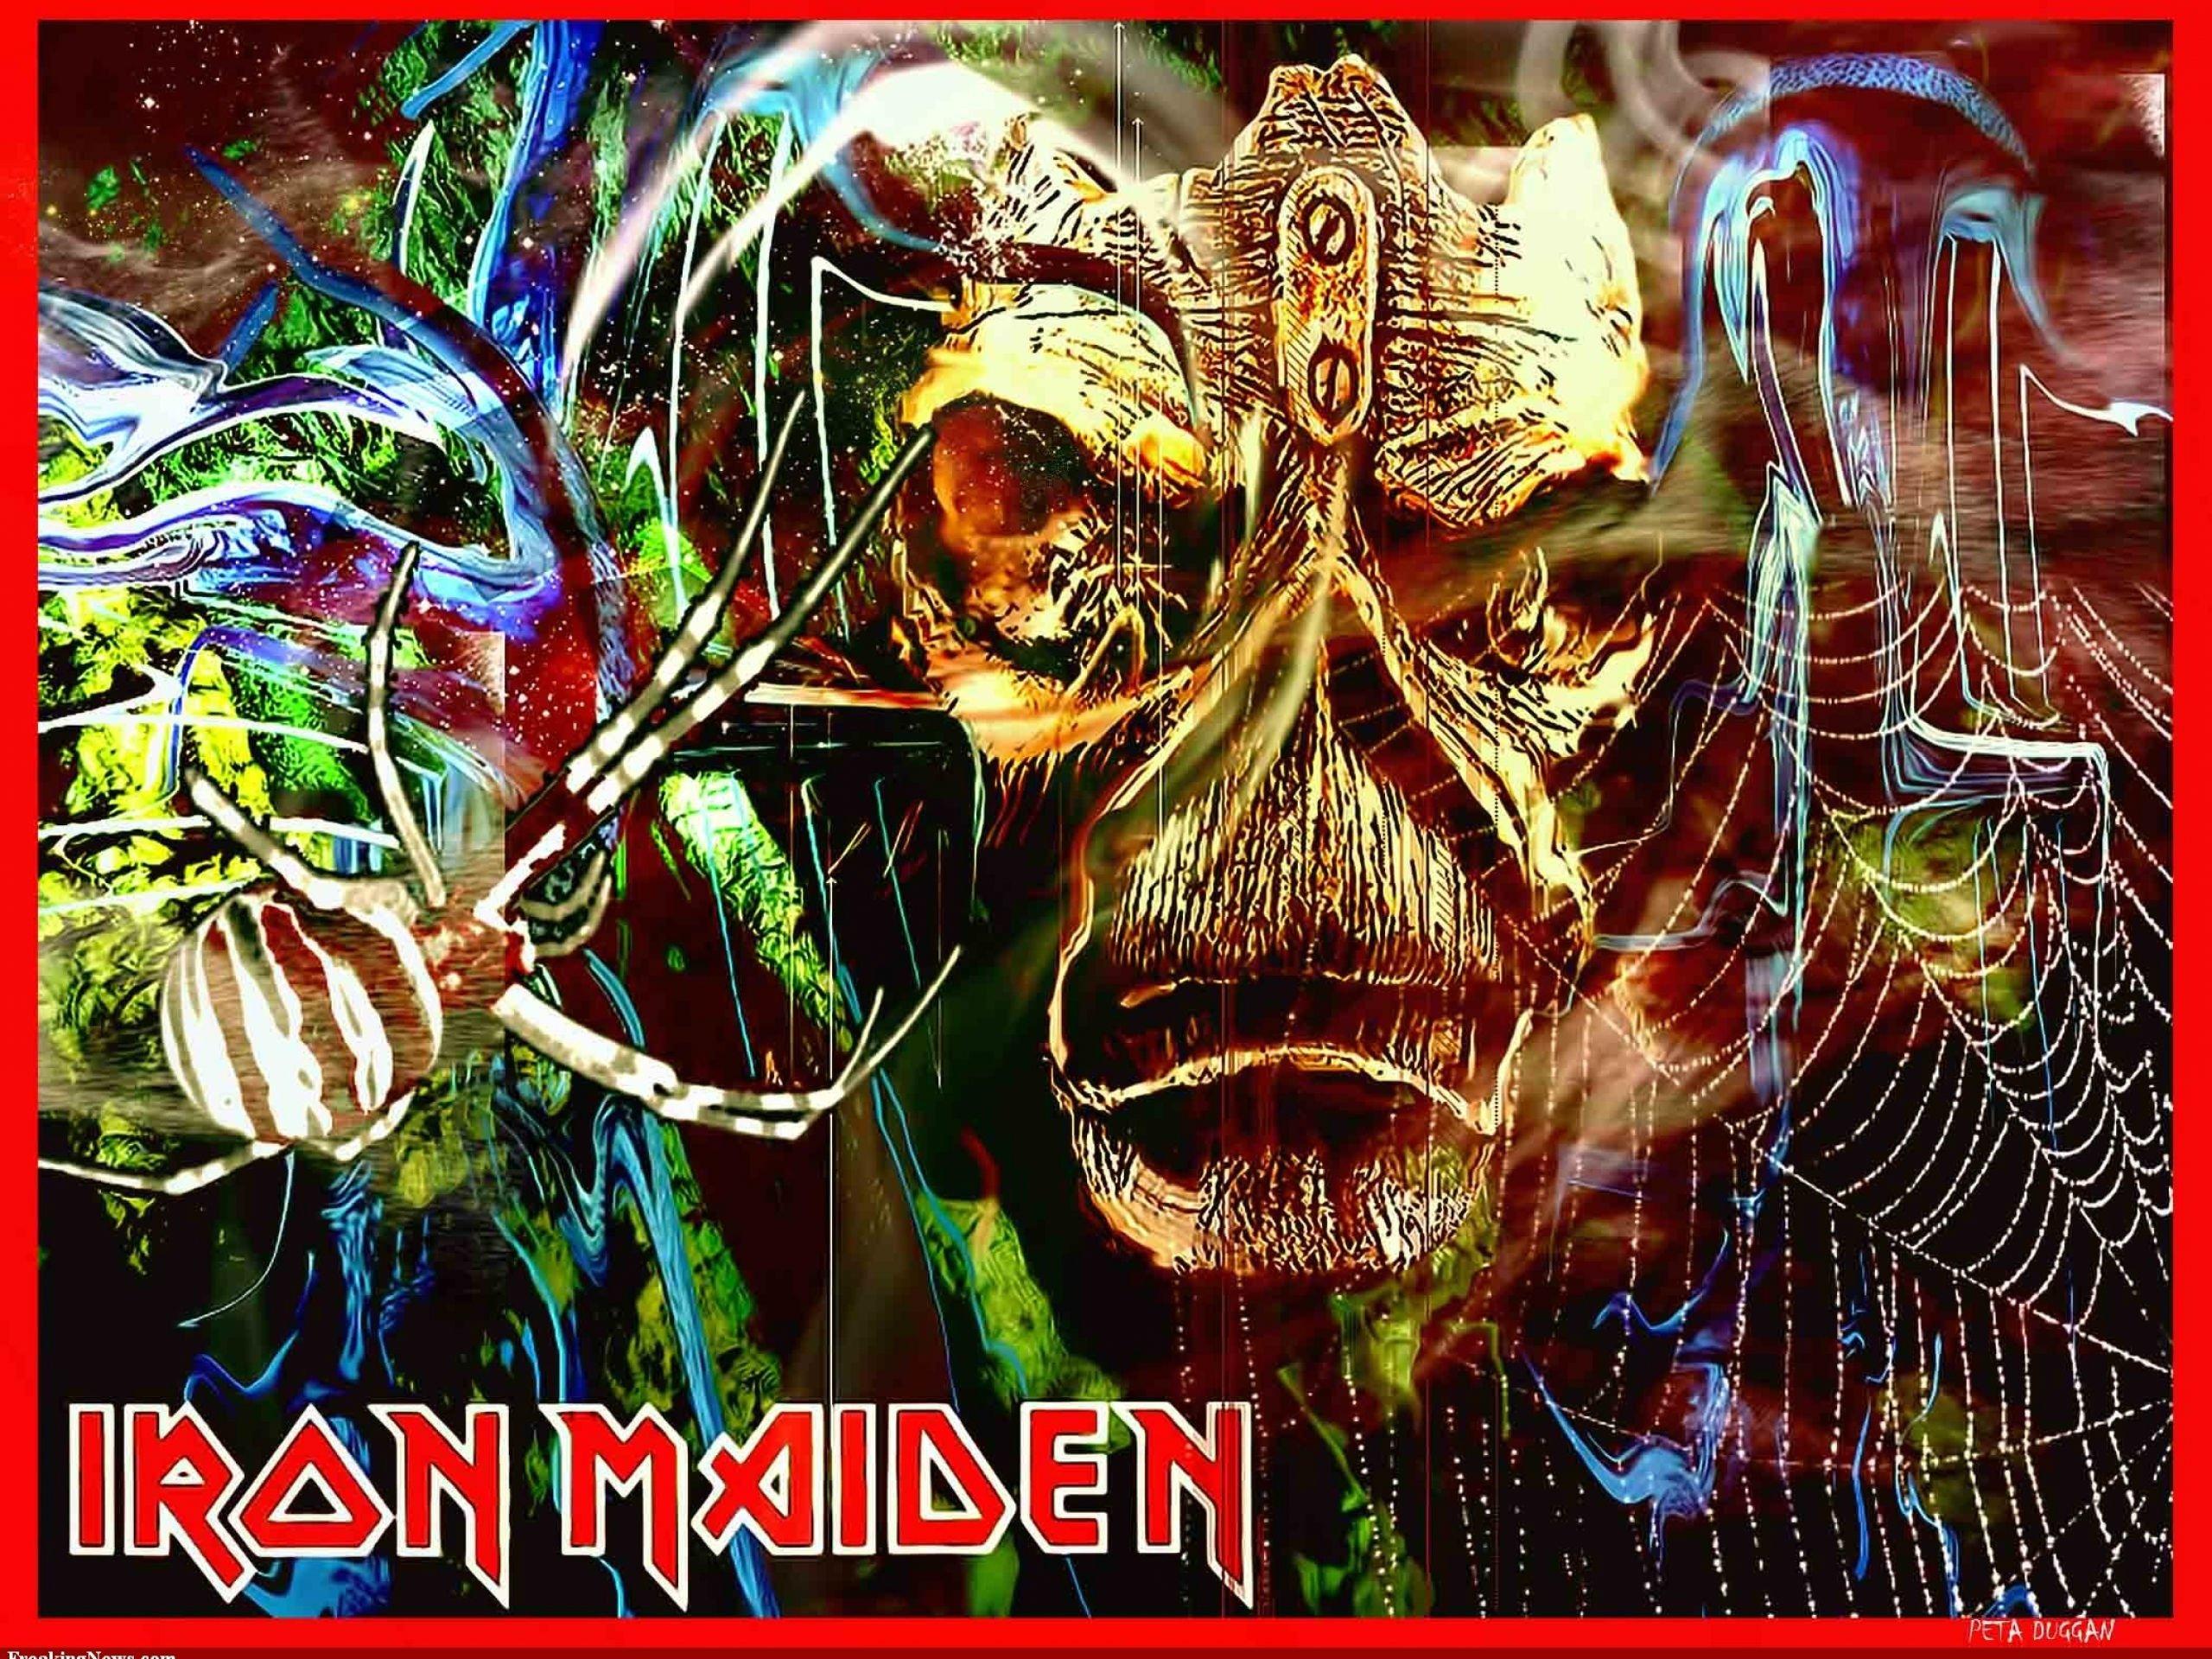 IRON MAIDEN heavy metal power artwork fantasy dark evil